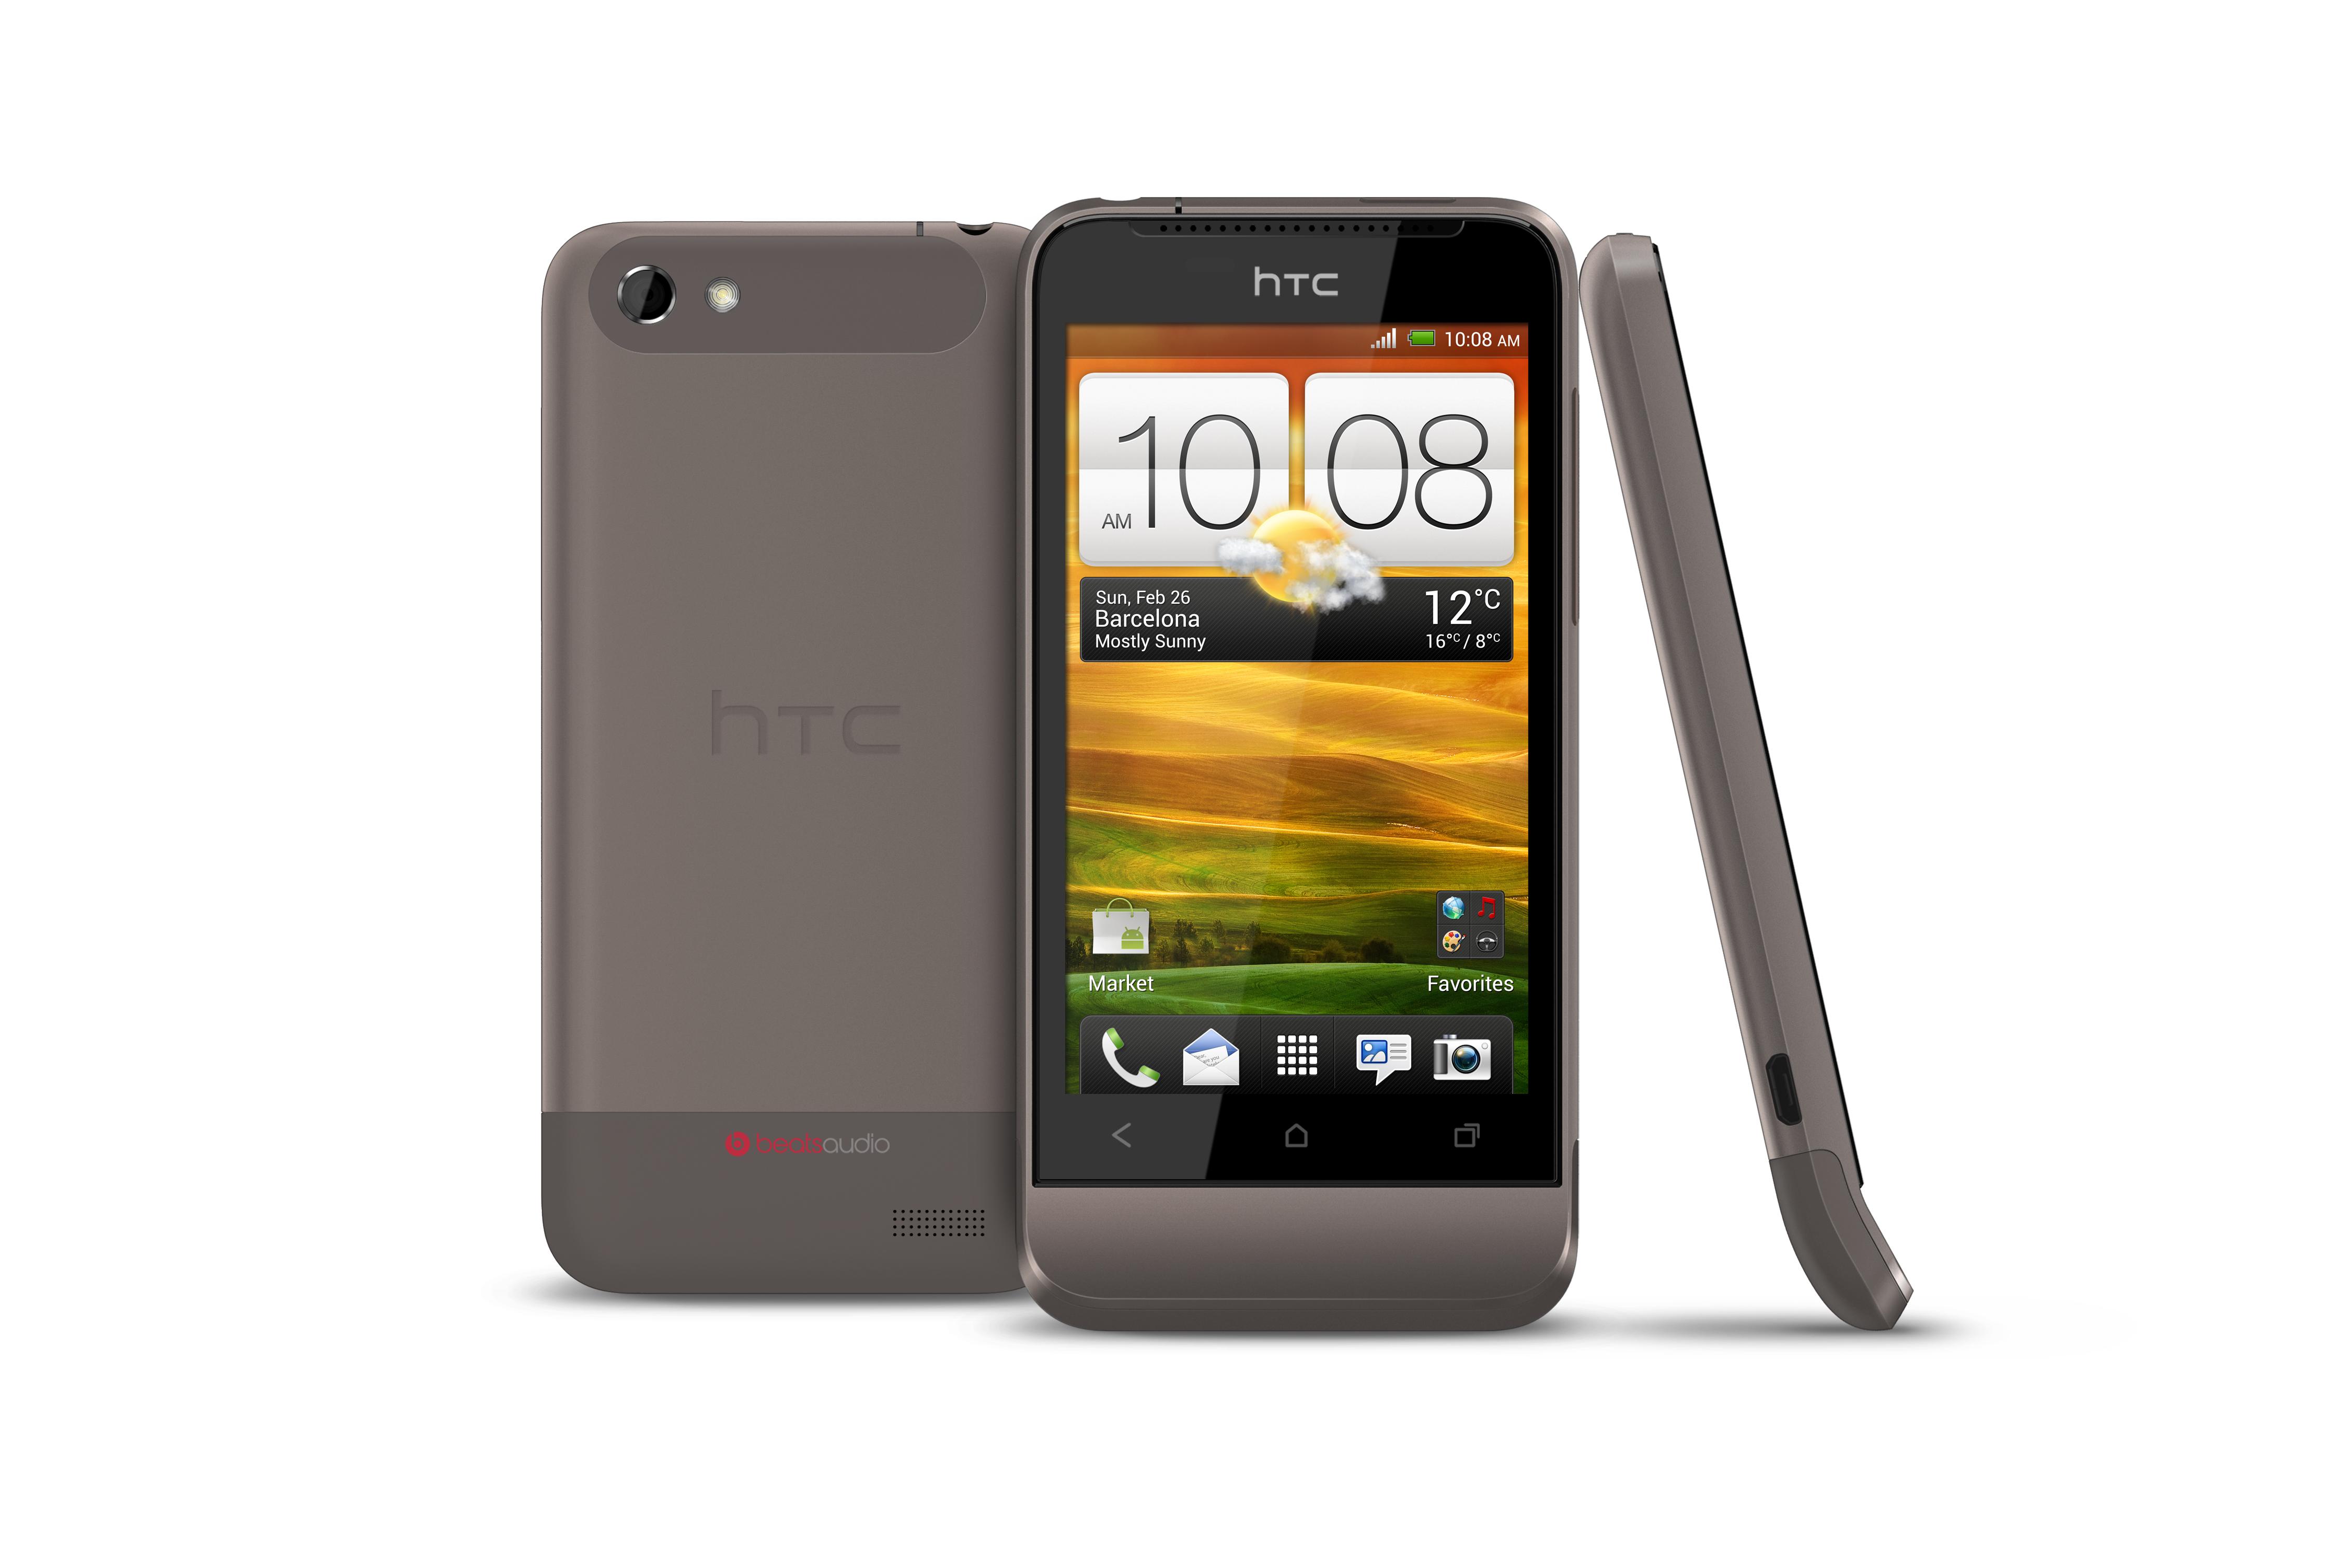 HTC serija ONE bo opremljena z najnovejšim sistemom Android in vmesnikom Sense 4.